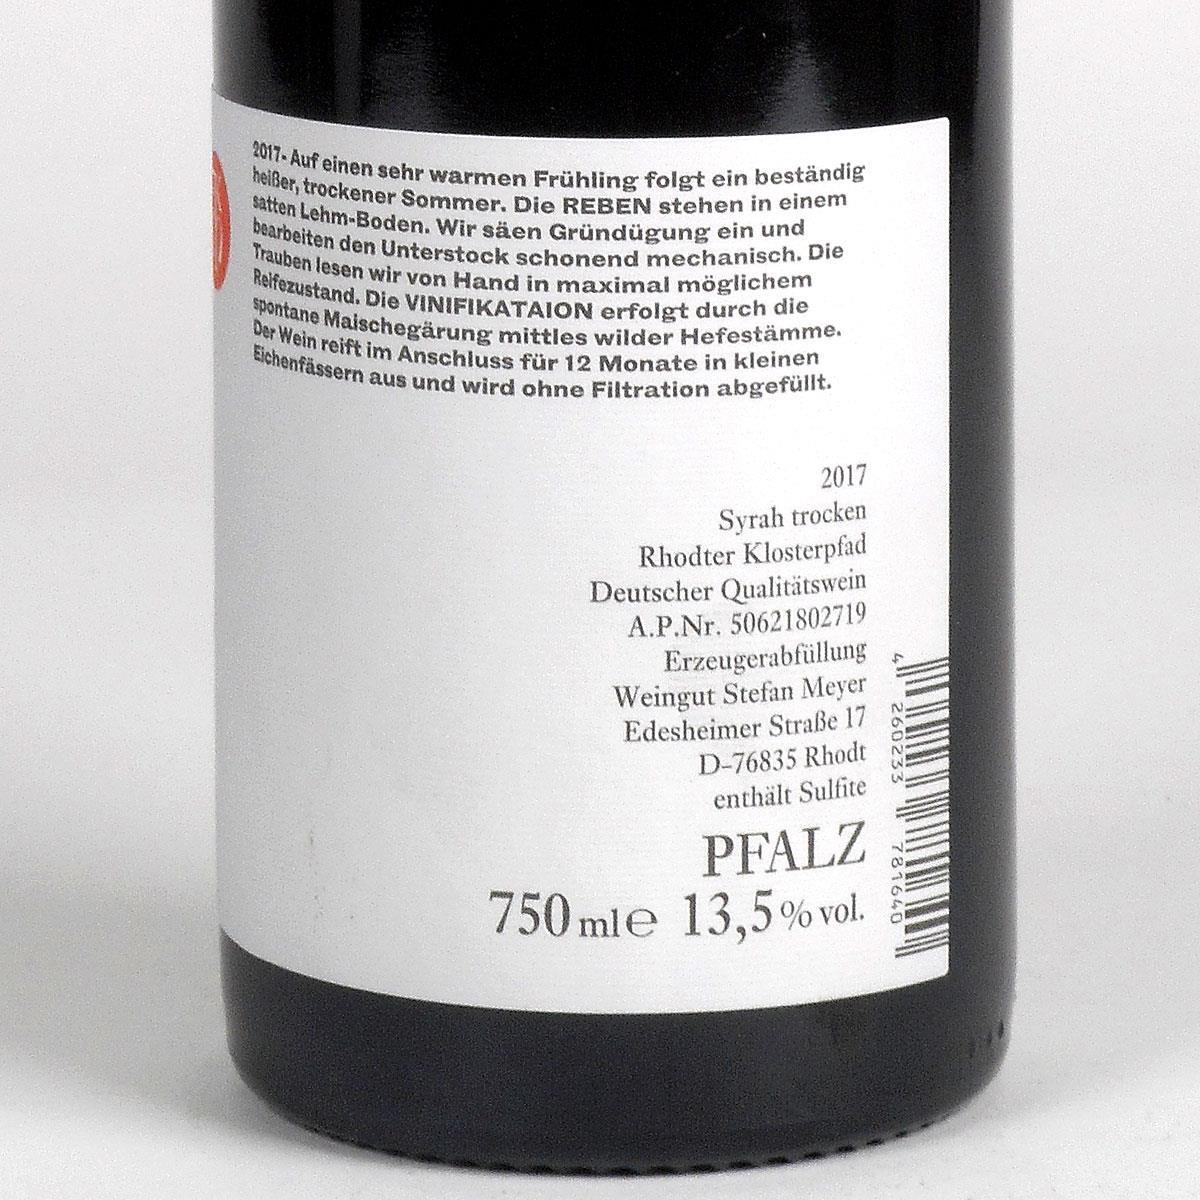 Pfalz: Stefan Meyer 'Rhodter Klosterpfad' Syrah 2017 - Bottle Rear Label